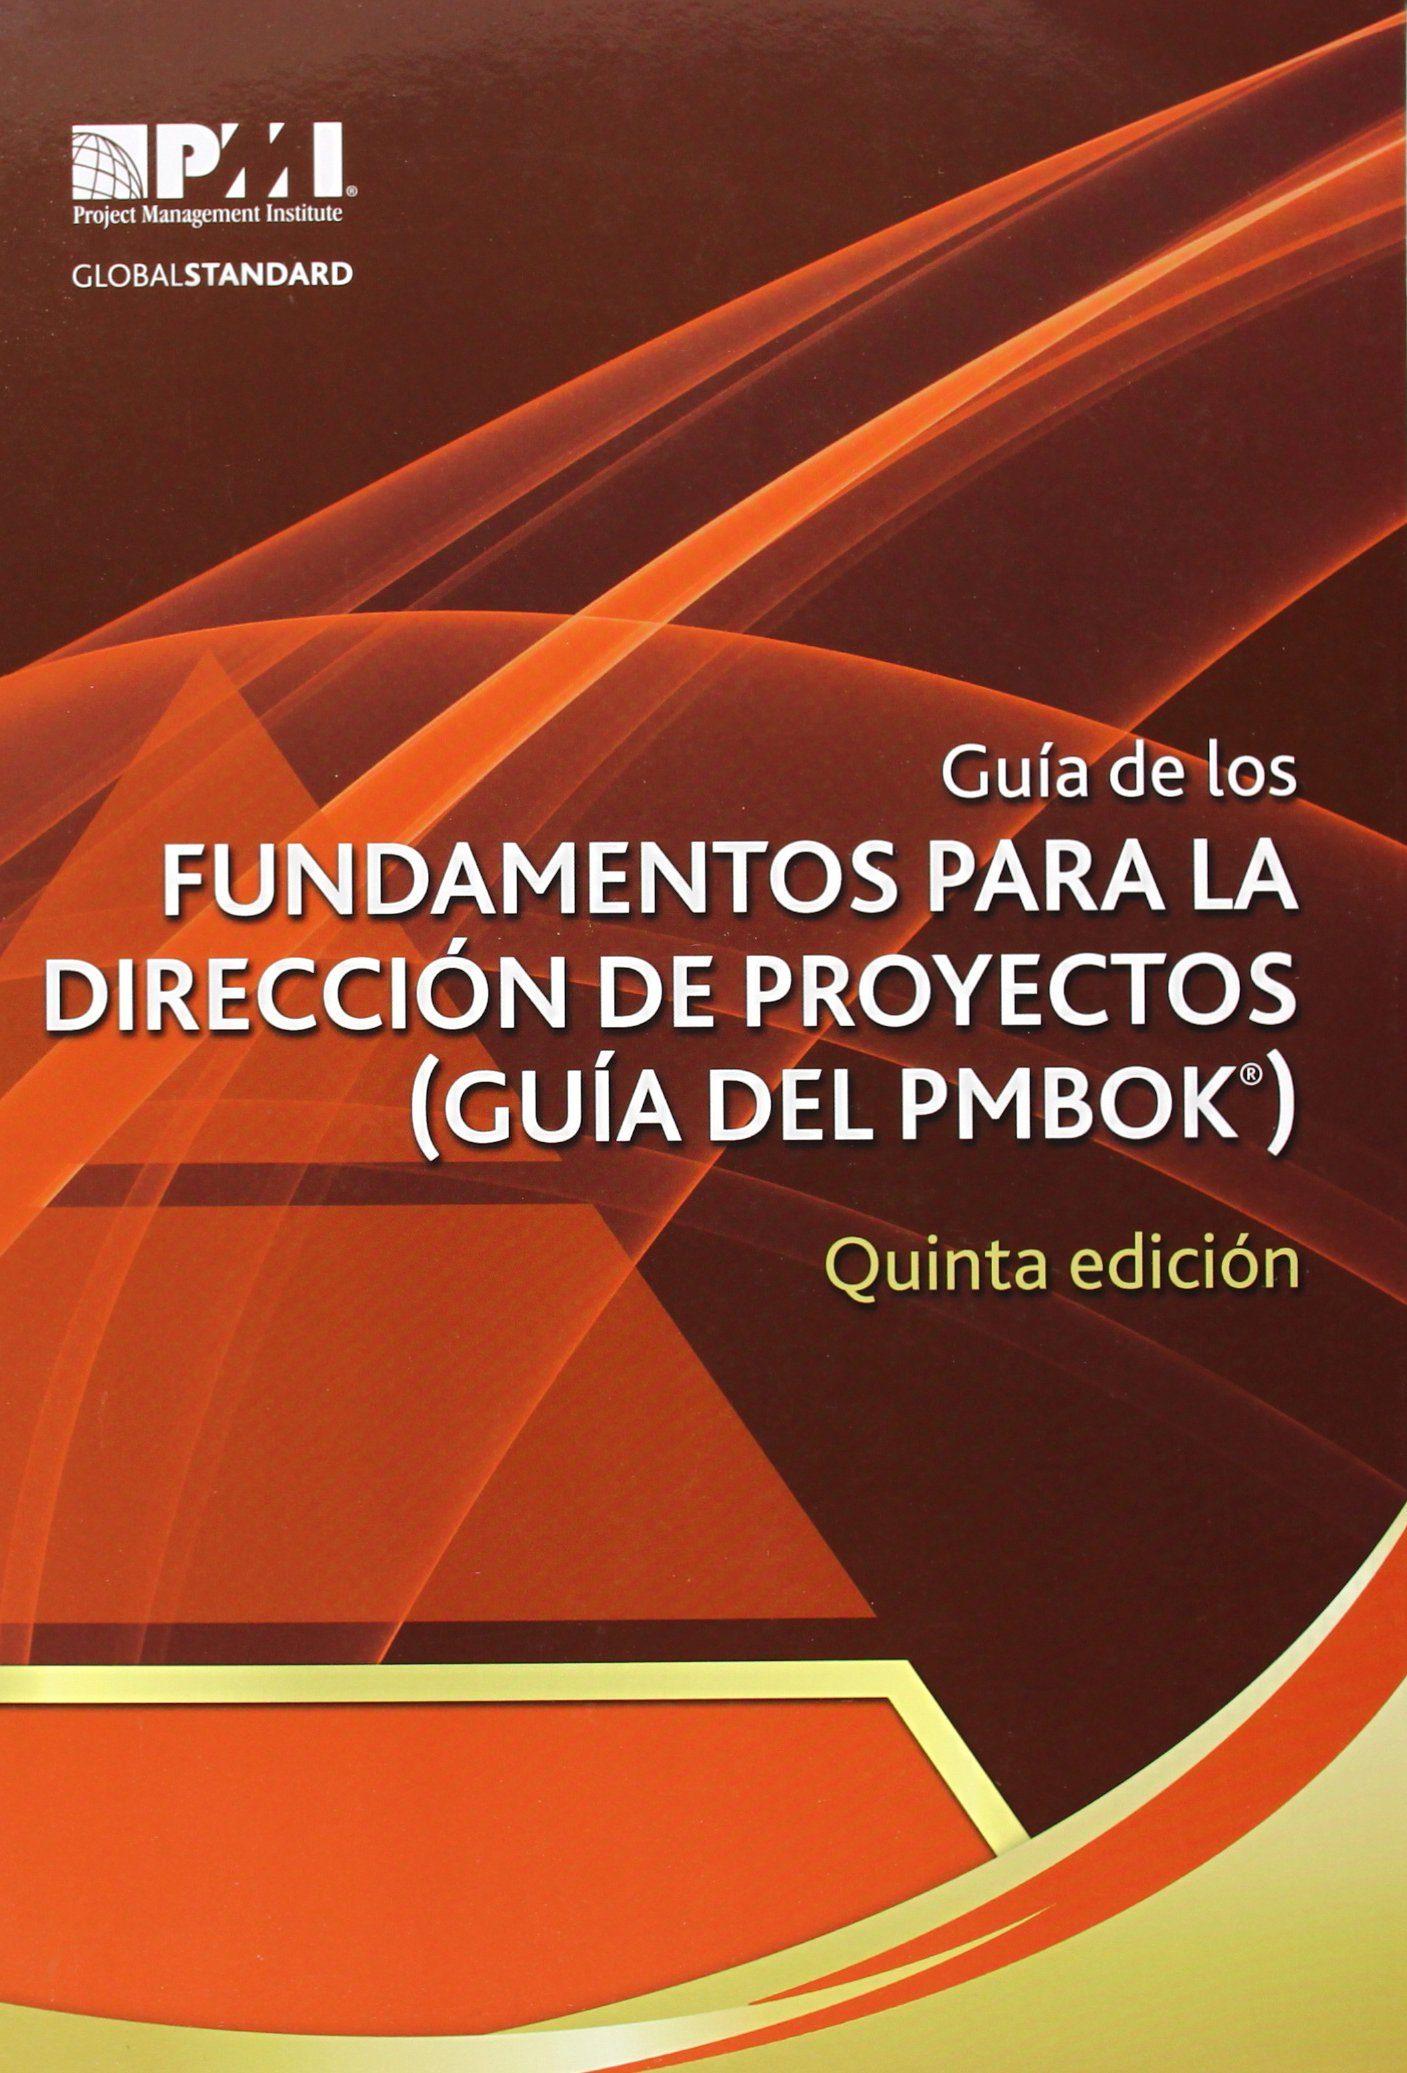 Guia De Los Fundamentos Para La Direccion De Proyectos por Vv.aa.